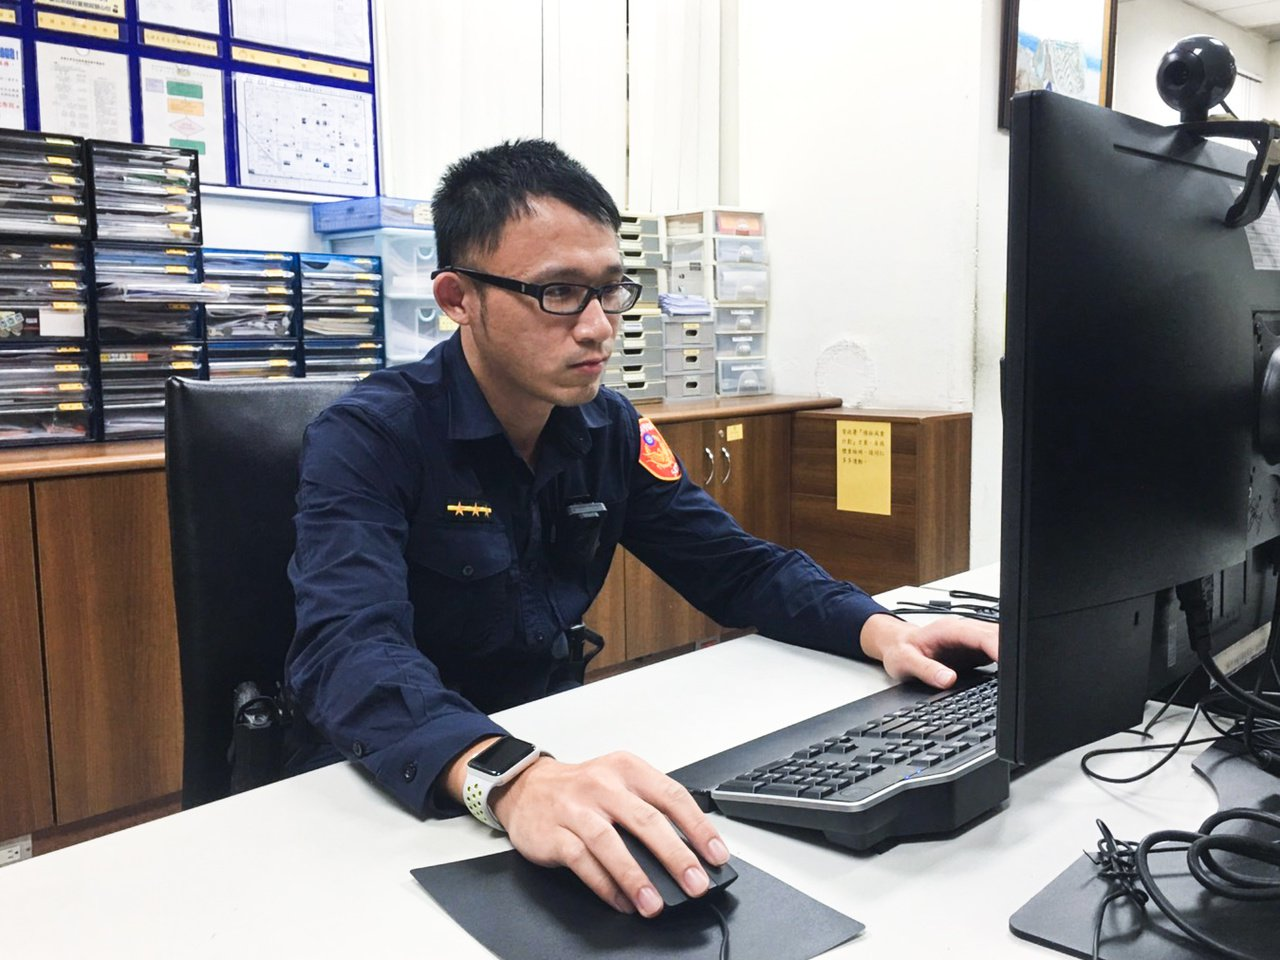 林庭緯說,自己也曾在出國旅遊時不小心弄丟重要物品,知道旅客心急的心情,每次接獲協...